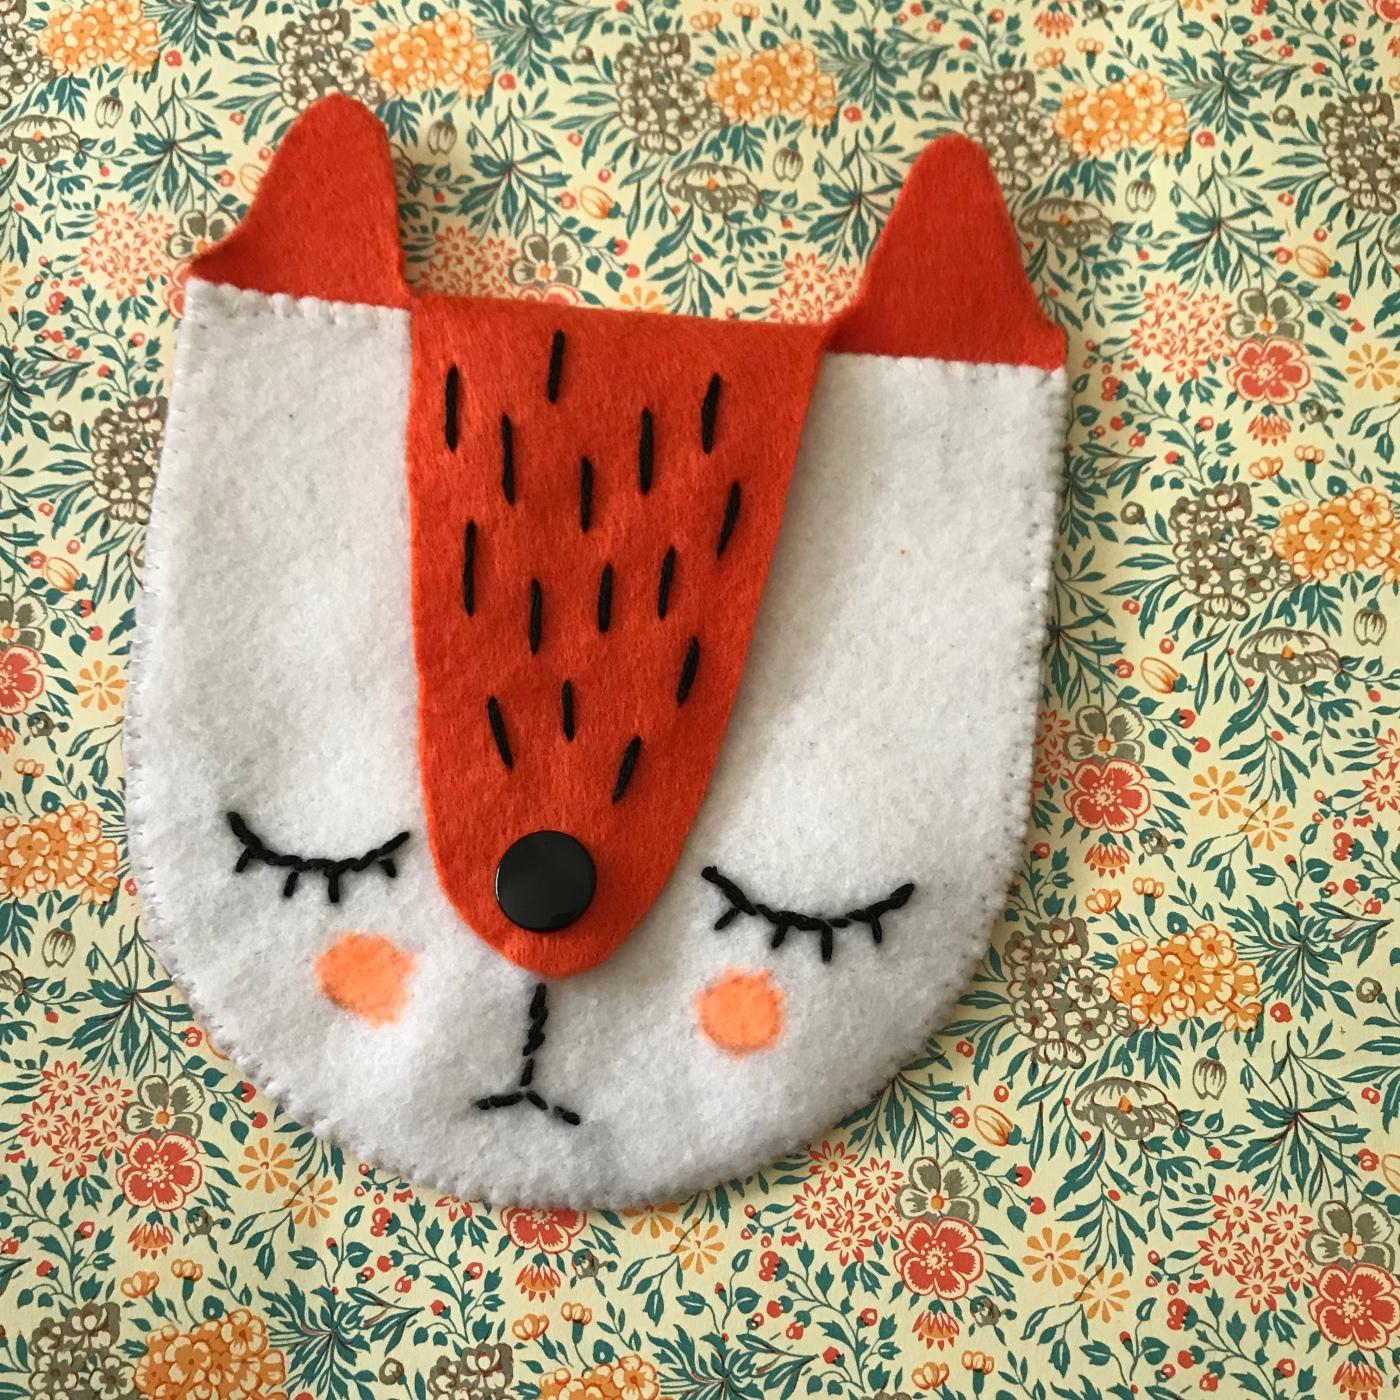 Petite couture d'automne DIY bricolage enfant craft for kids couture porte monnaie renard broderie feutrine Image à la une